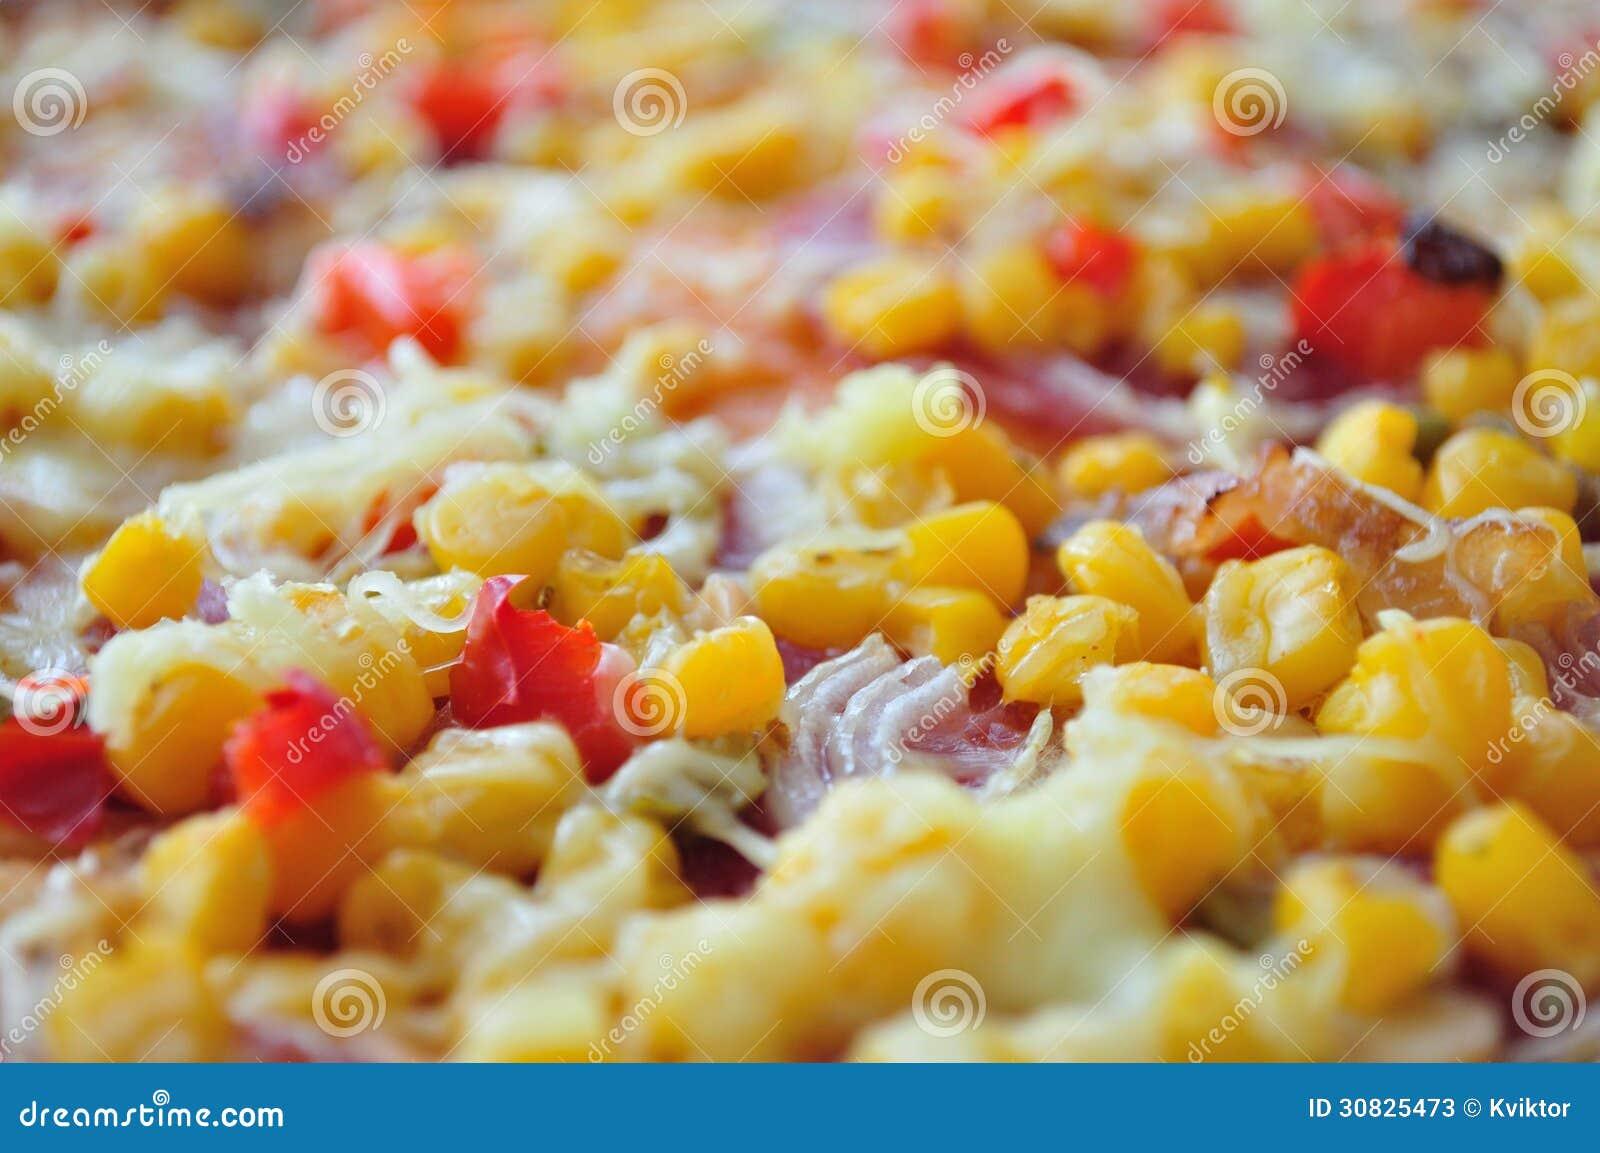 Dettaglio di pizza con cereale